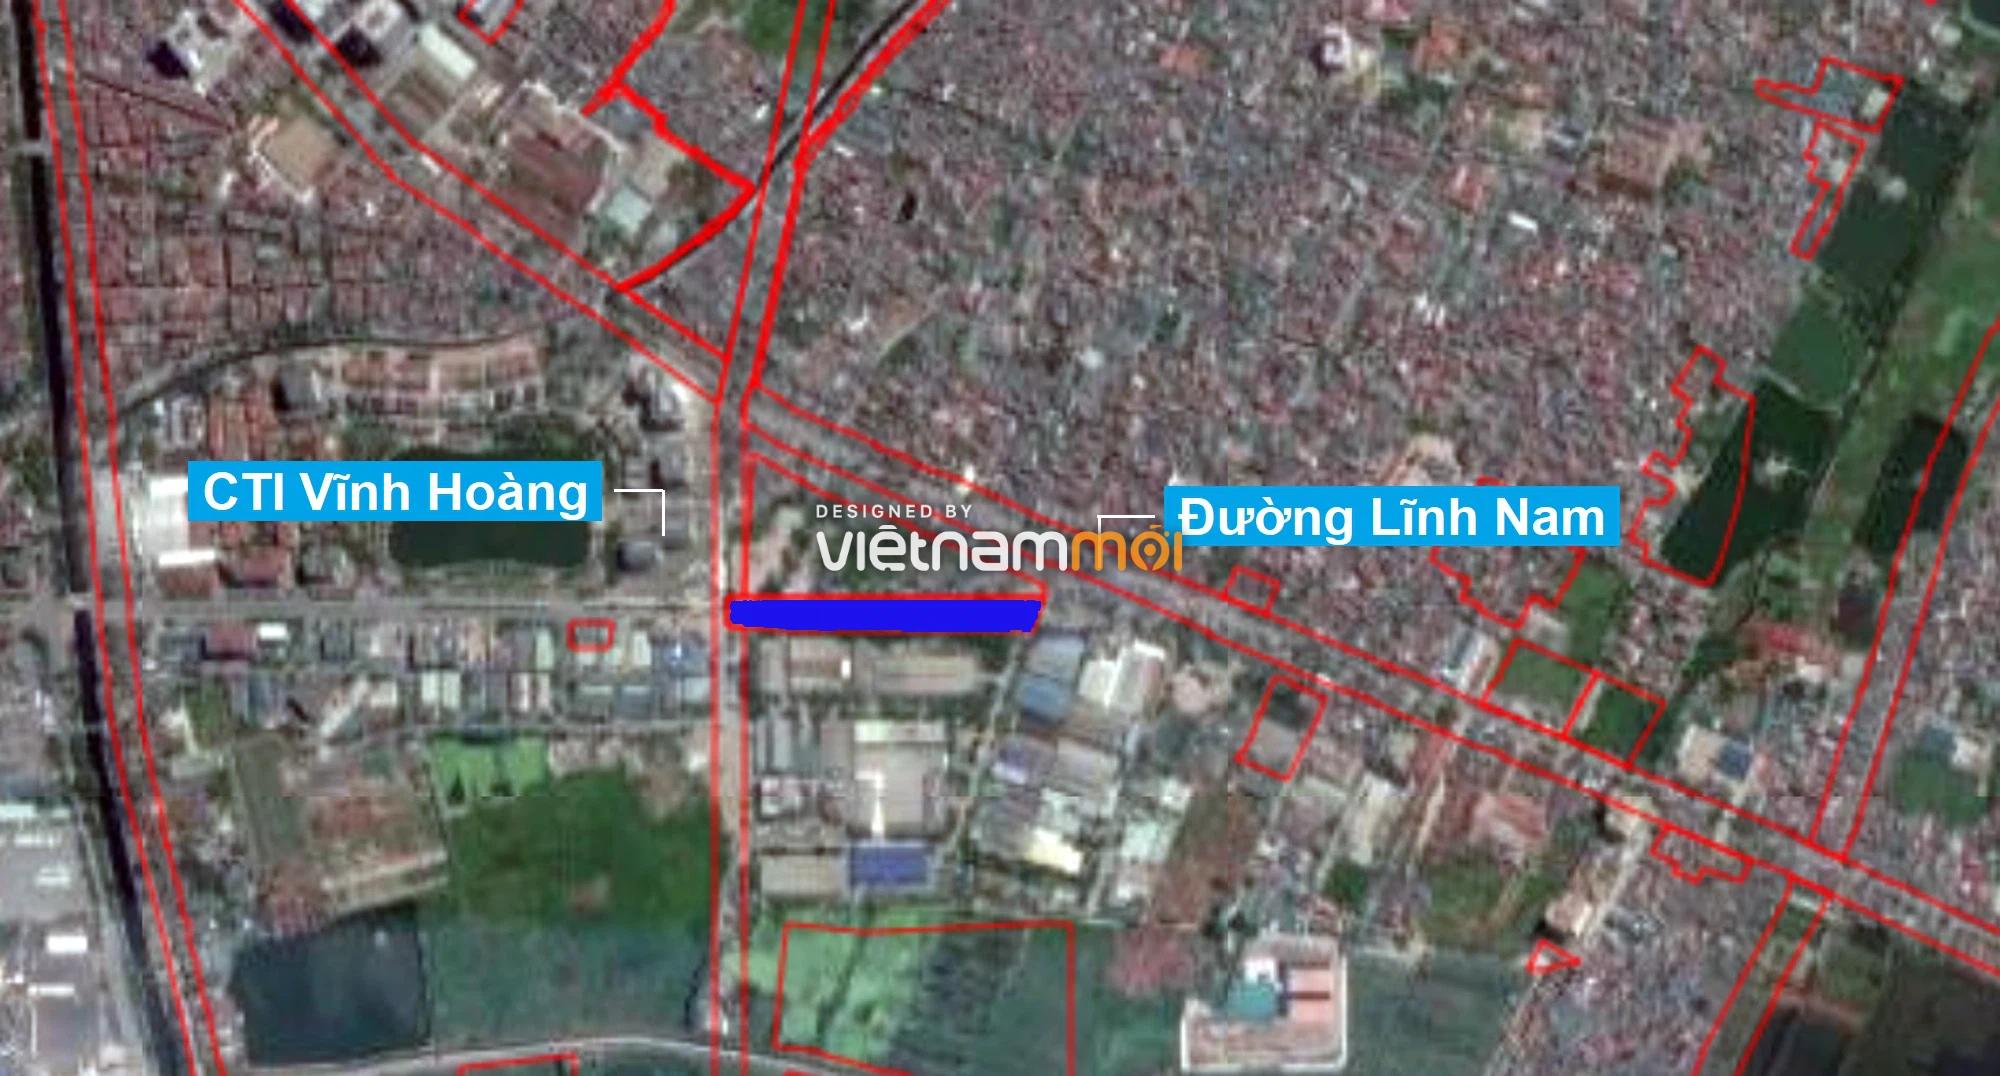 Những khu đất sắp thu hồi để mở đường ở quận Hoàng Mai, Hà Nội (phần 1) - Ảnh 15.